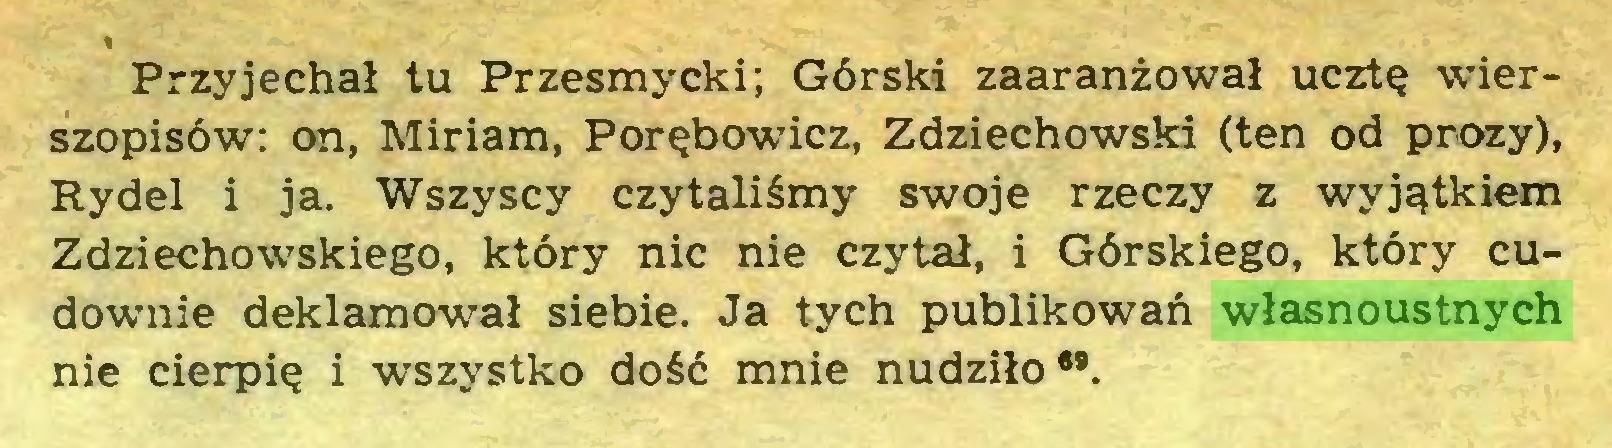 (...) Przyjechał tu Przesmycki; Górski zaaranżował ucztę wierszopisów: on, Miriam, Porębowicz, Zdziechowski (ten od prozy), Rydel i ja. Wszyscy czytaliśmy swoje rzeczy z wyjątkiem Zdziechowskiego, który nic nie czytał, i Górskiego, który cudownie deklamował siebie. Ja tych publikowań własnoustnych nie cierpię i wszystko dość mnie nudziło6*...